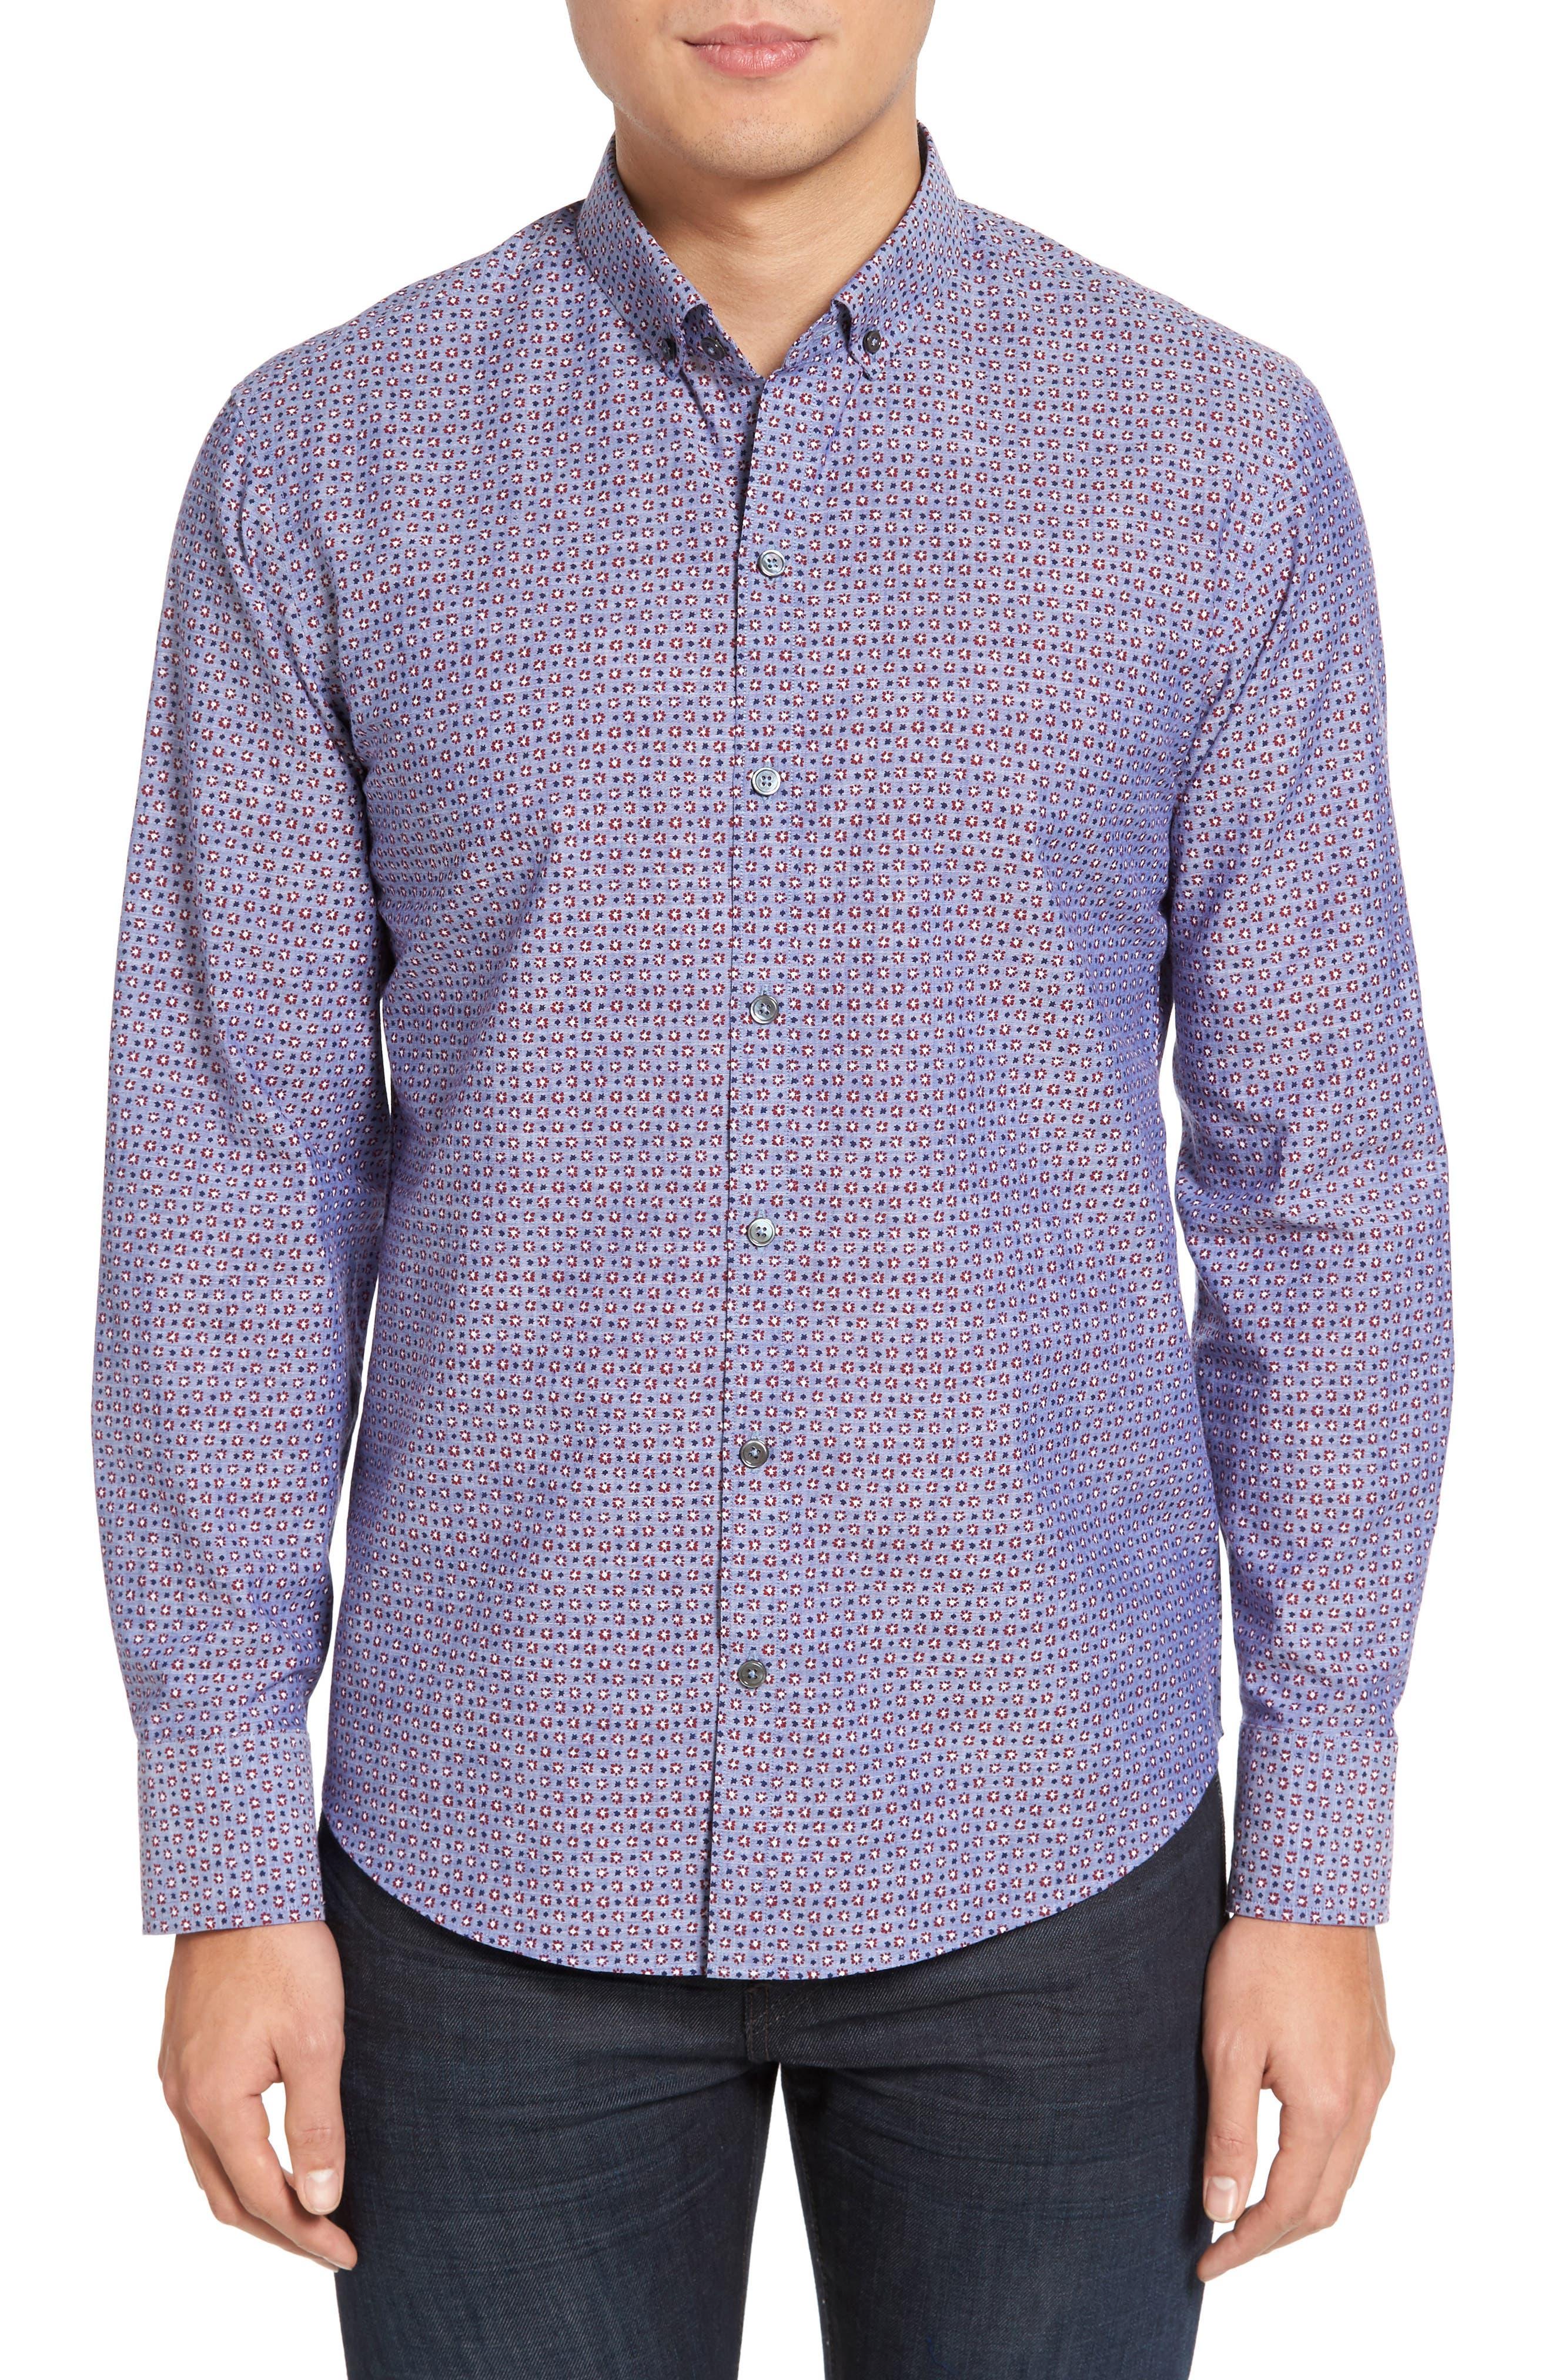 Chernow Trim Fit Print Sport Shirt,                         Main,                         color, 412